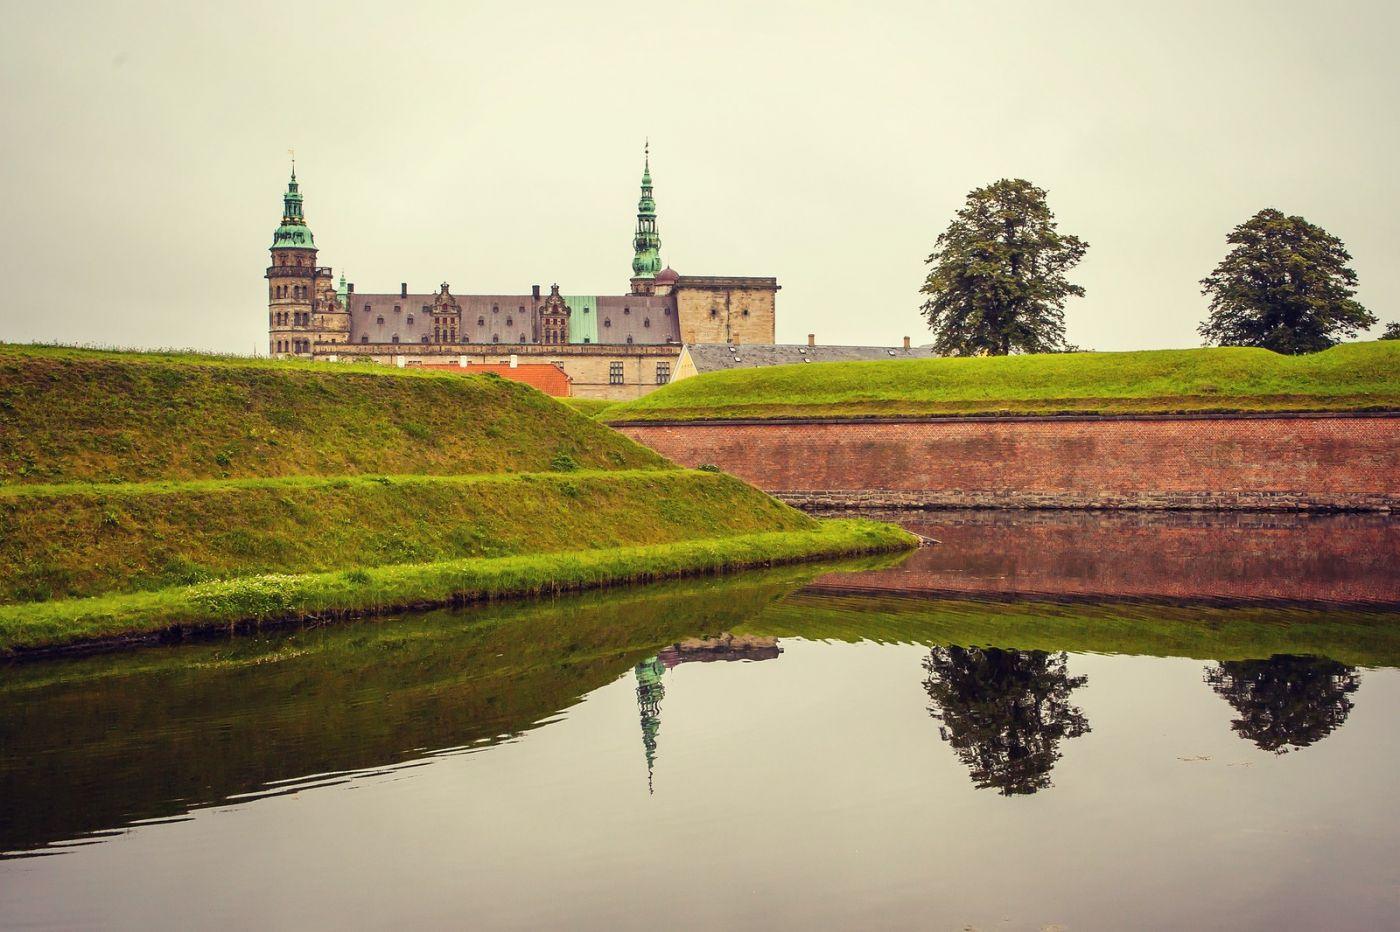 丹麦腓特烈堡城堡,当年的风采_图1-14